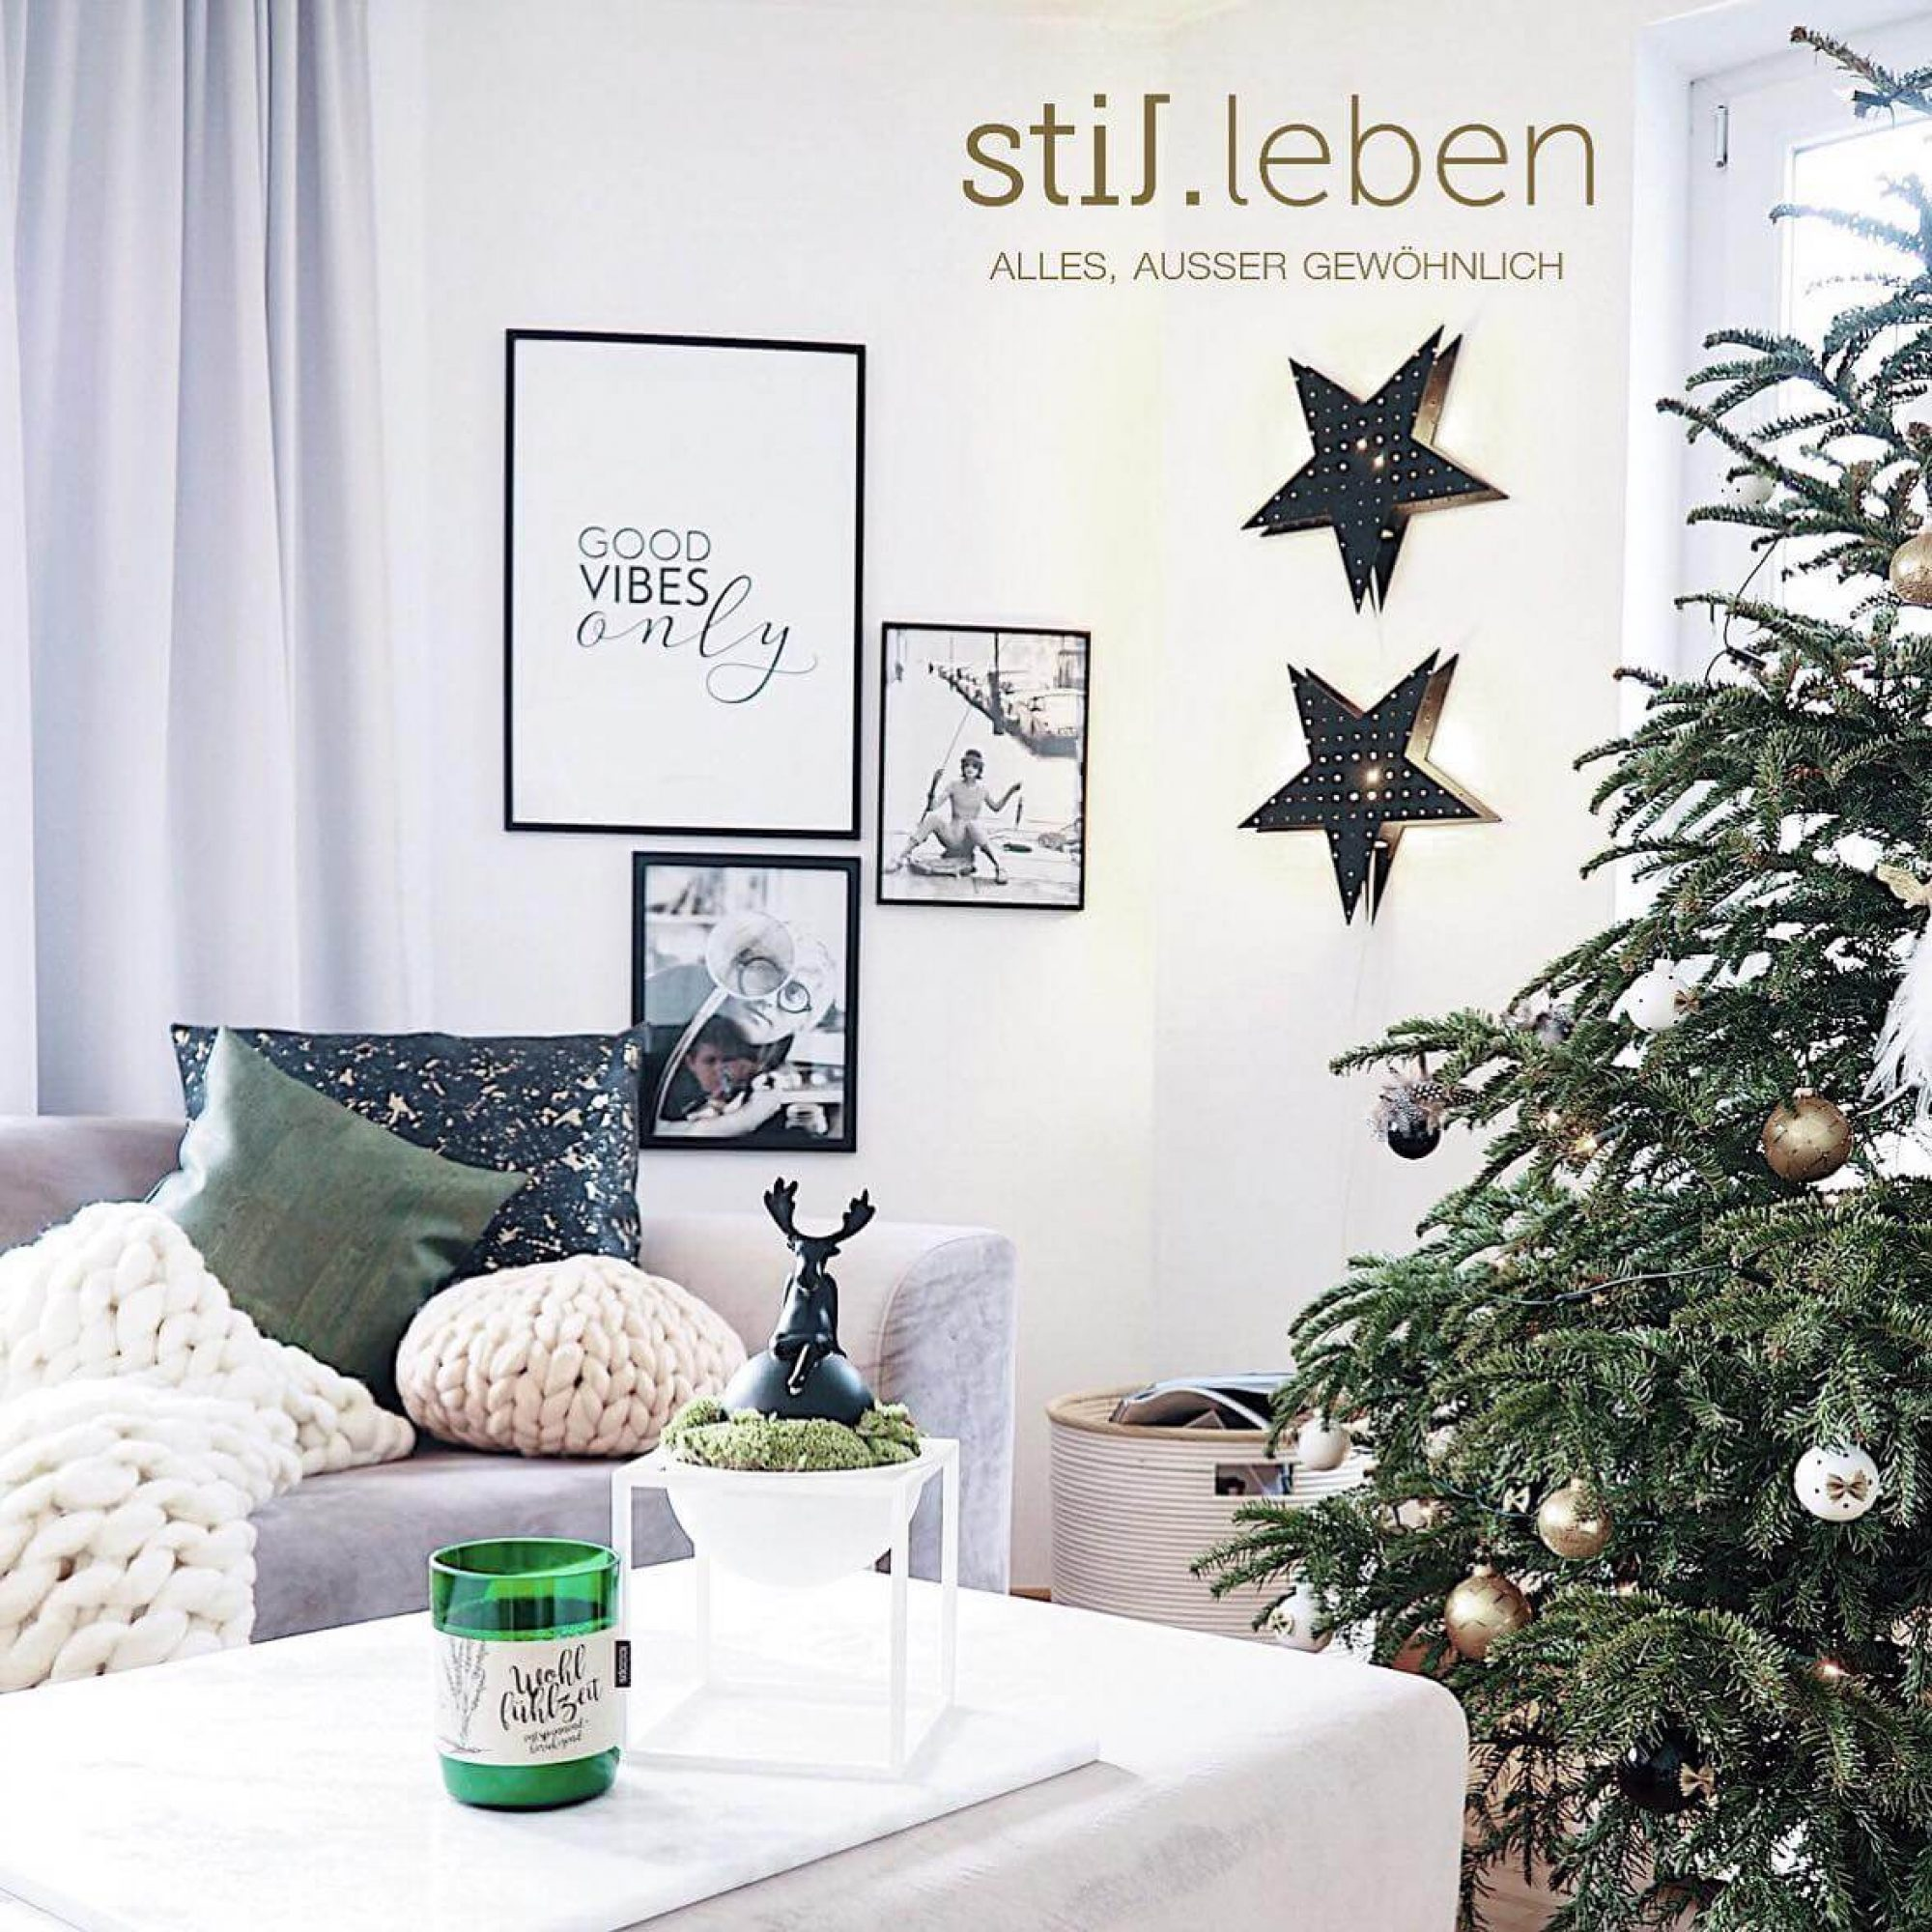 stil.leben Feldkirch